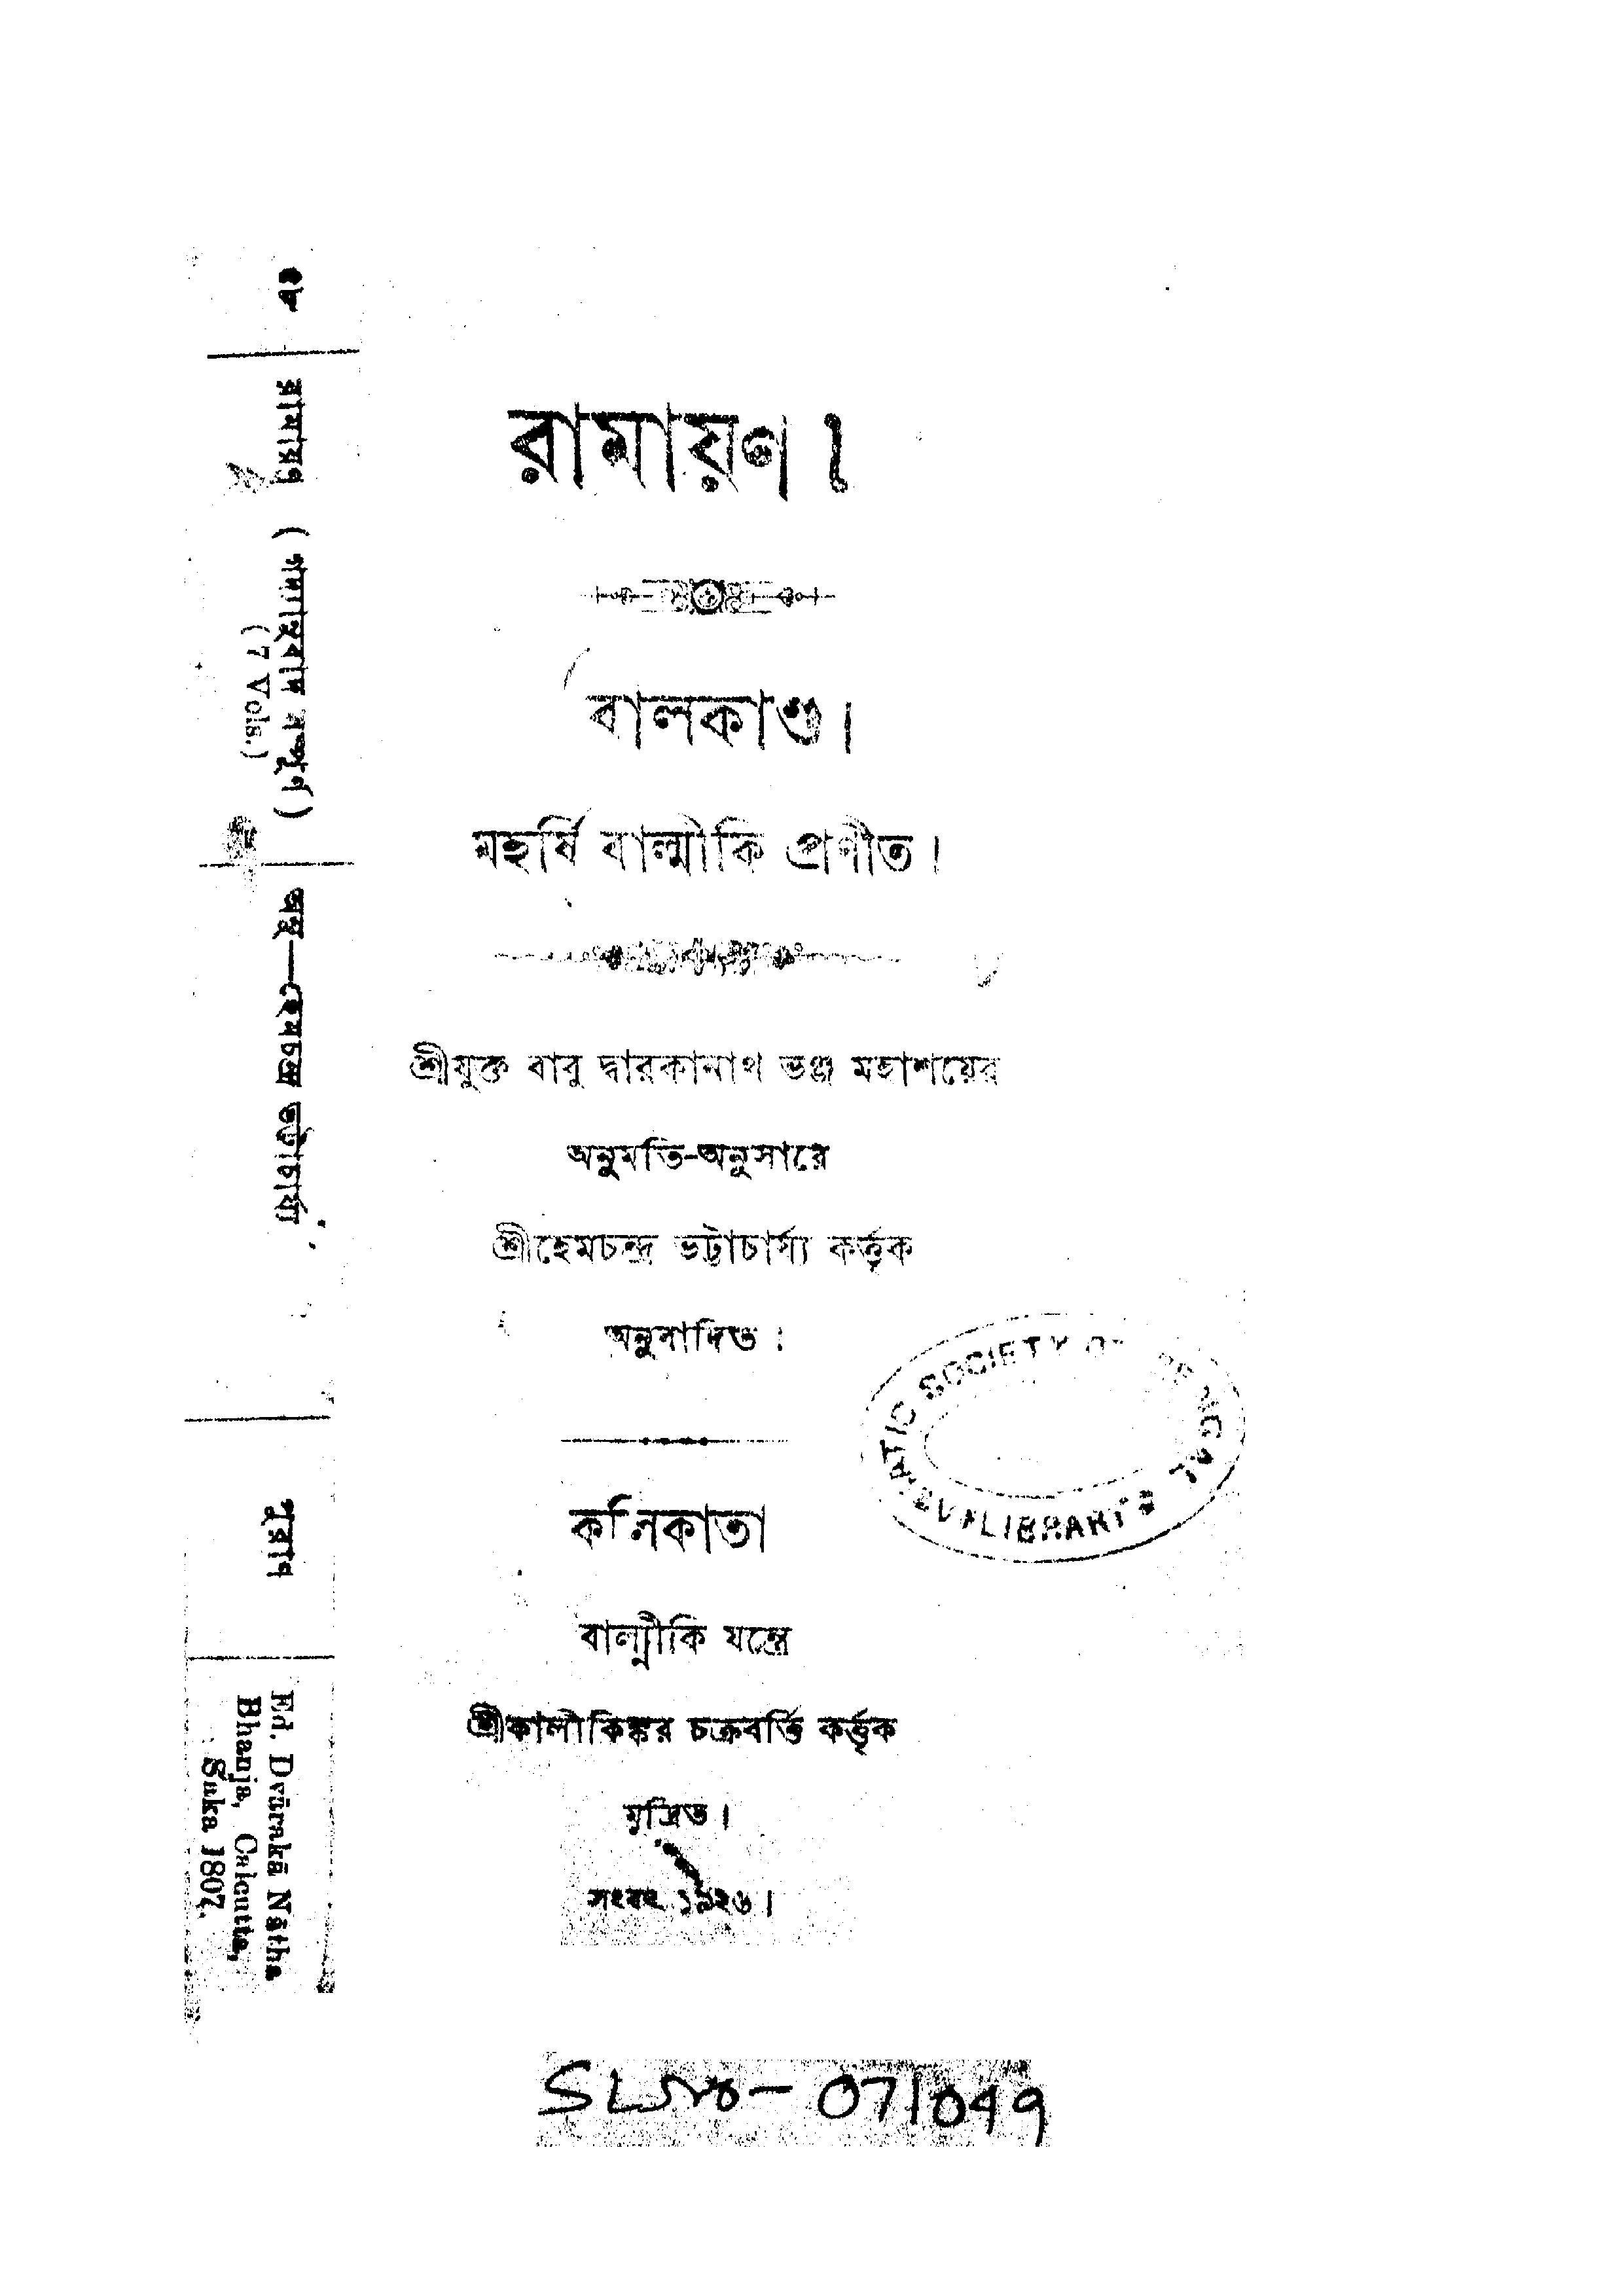 File:4990010096060 - Ramayan (Balkanda), Maharshi Balmiki